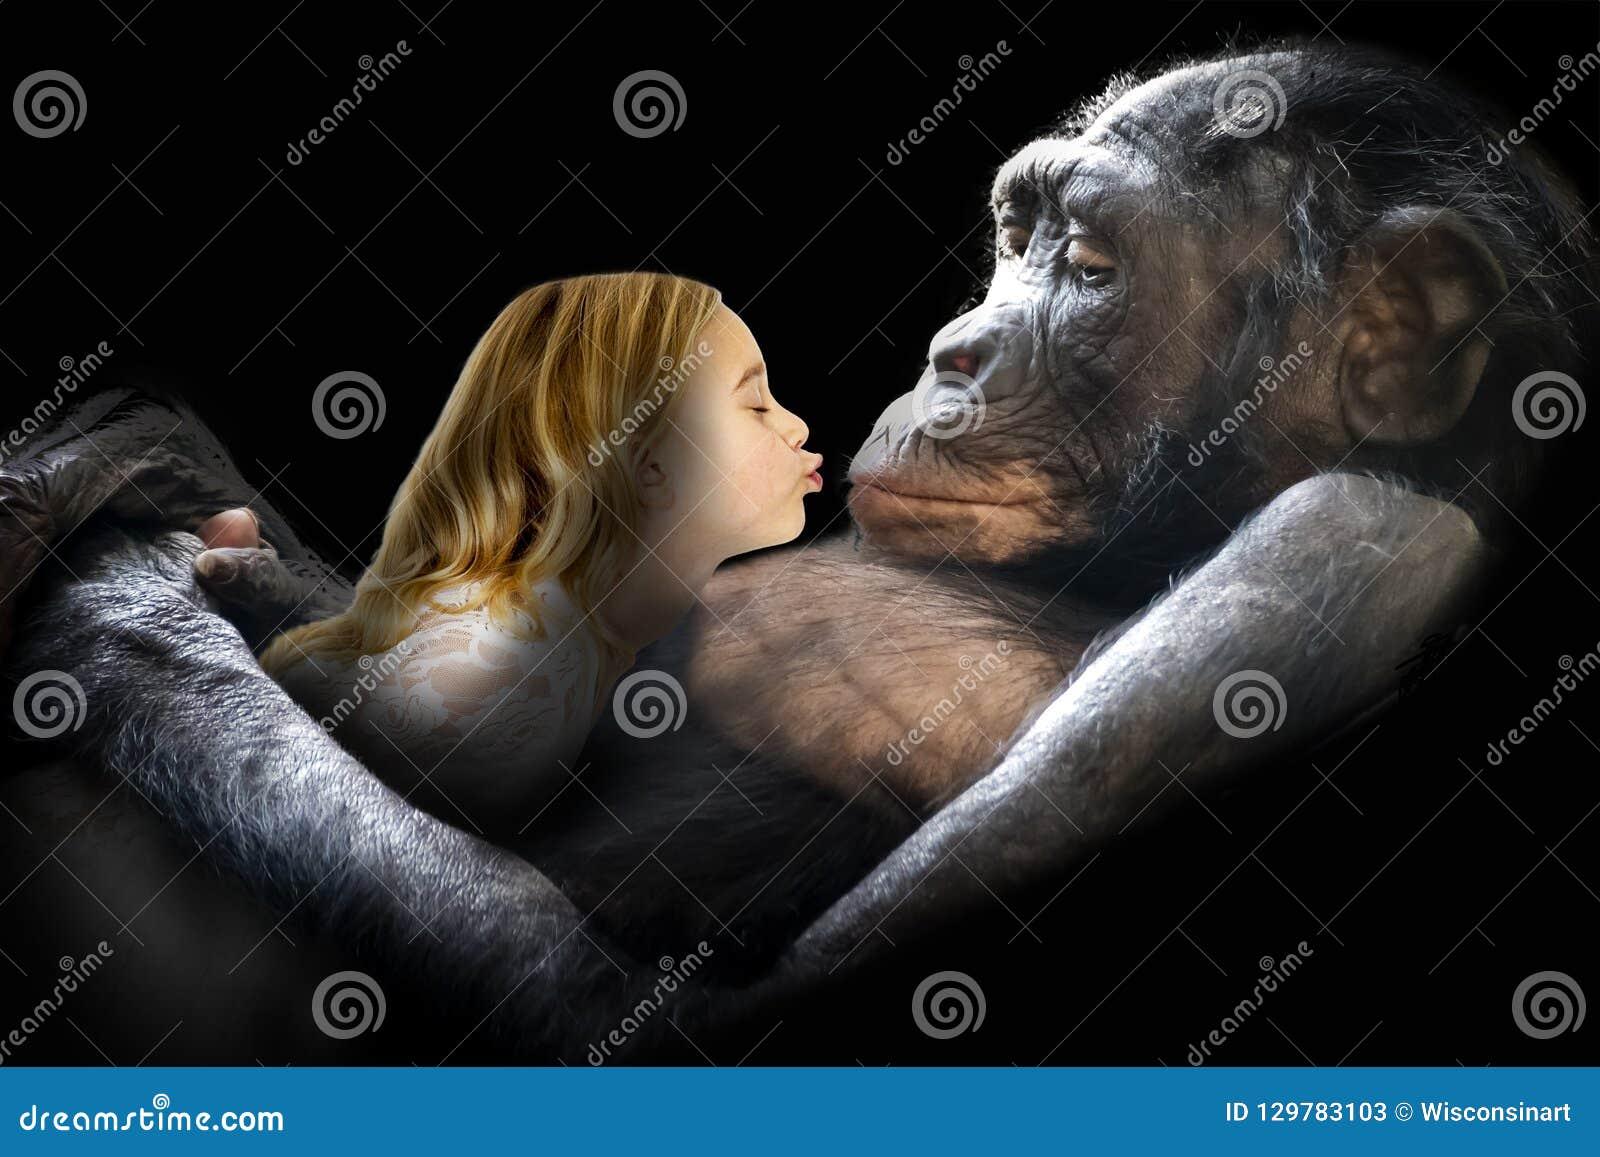 Amor, naturaleza, muchacha, mono, beso